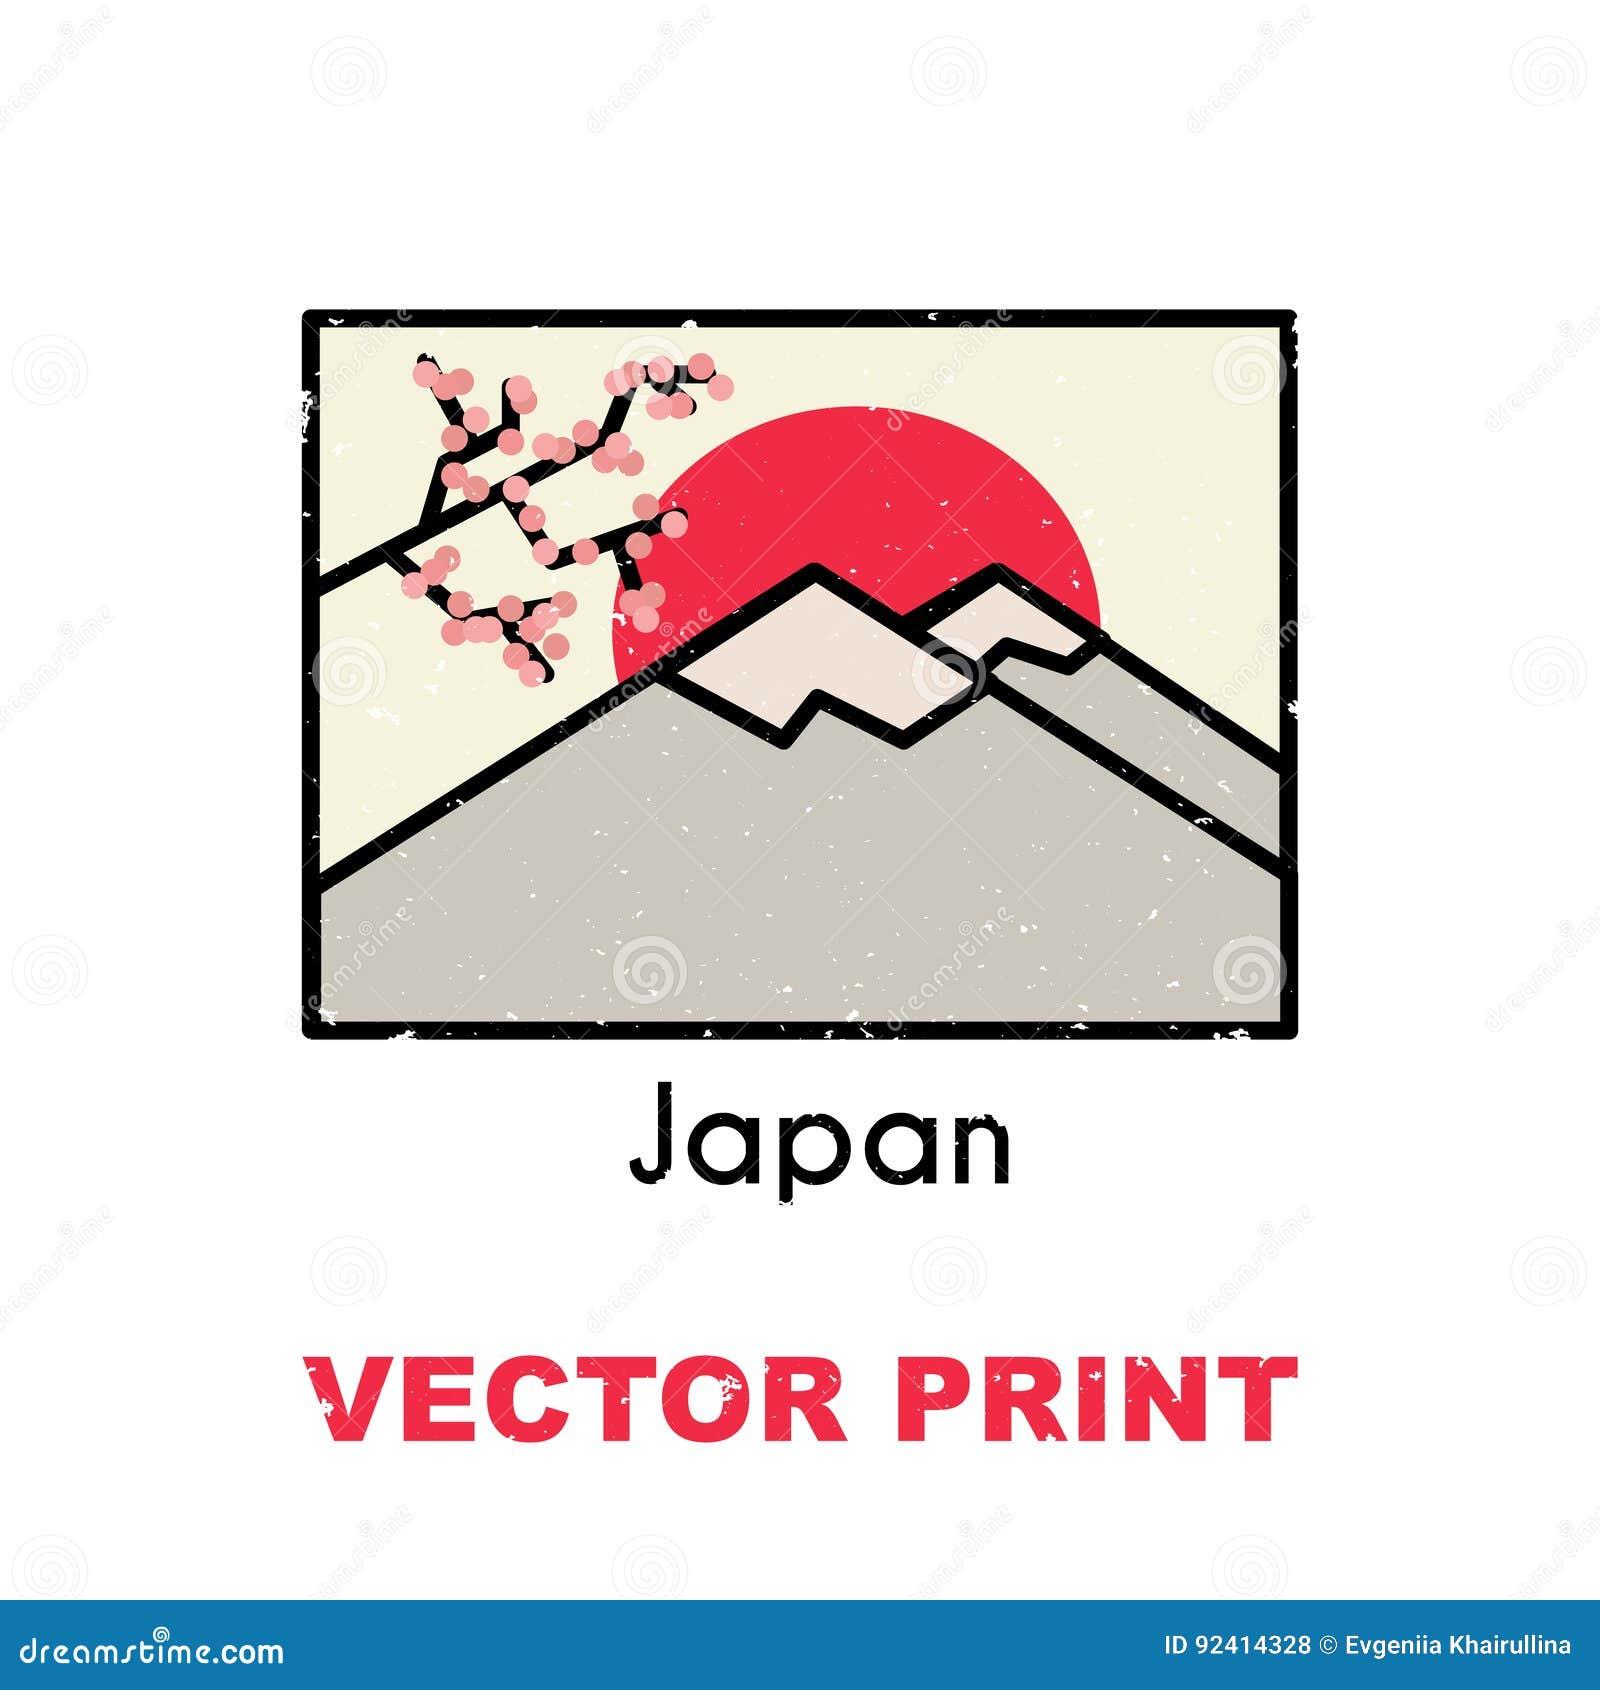 亚洲T恤杉印刷品 并且可以为明信片使用、杯子、海报、磁铁或者另一服装和纪念品产品设计